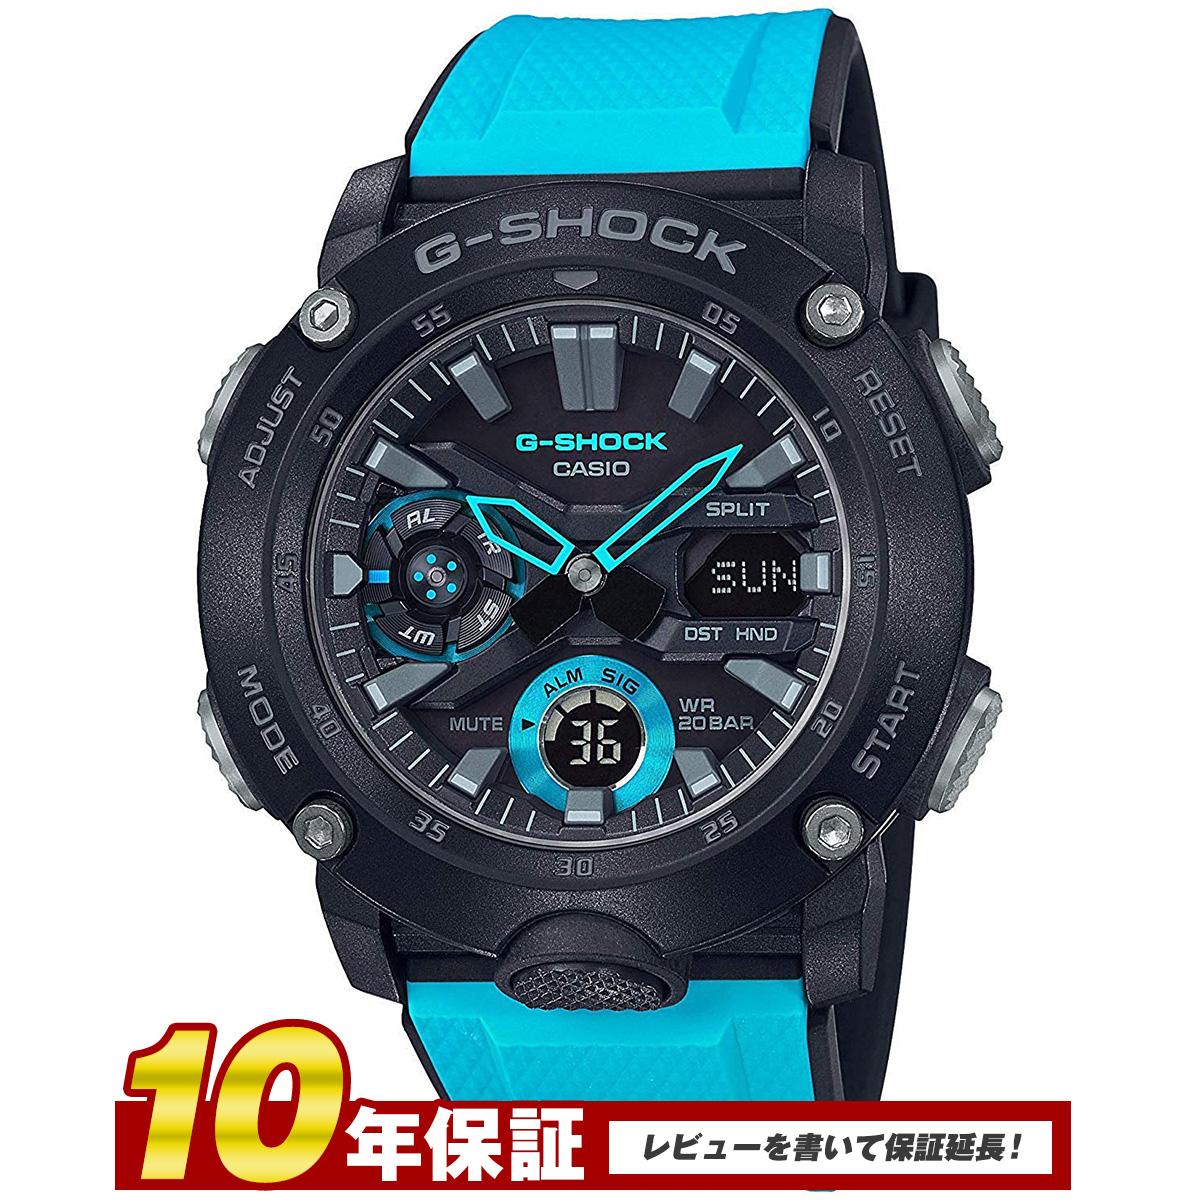 【全品送料無料】 【10年保証】カシオ GA-2000-1A2 メンズ腕時計 Gショック G-SHOCK